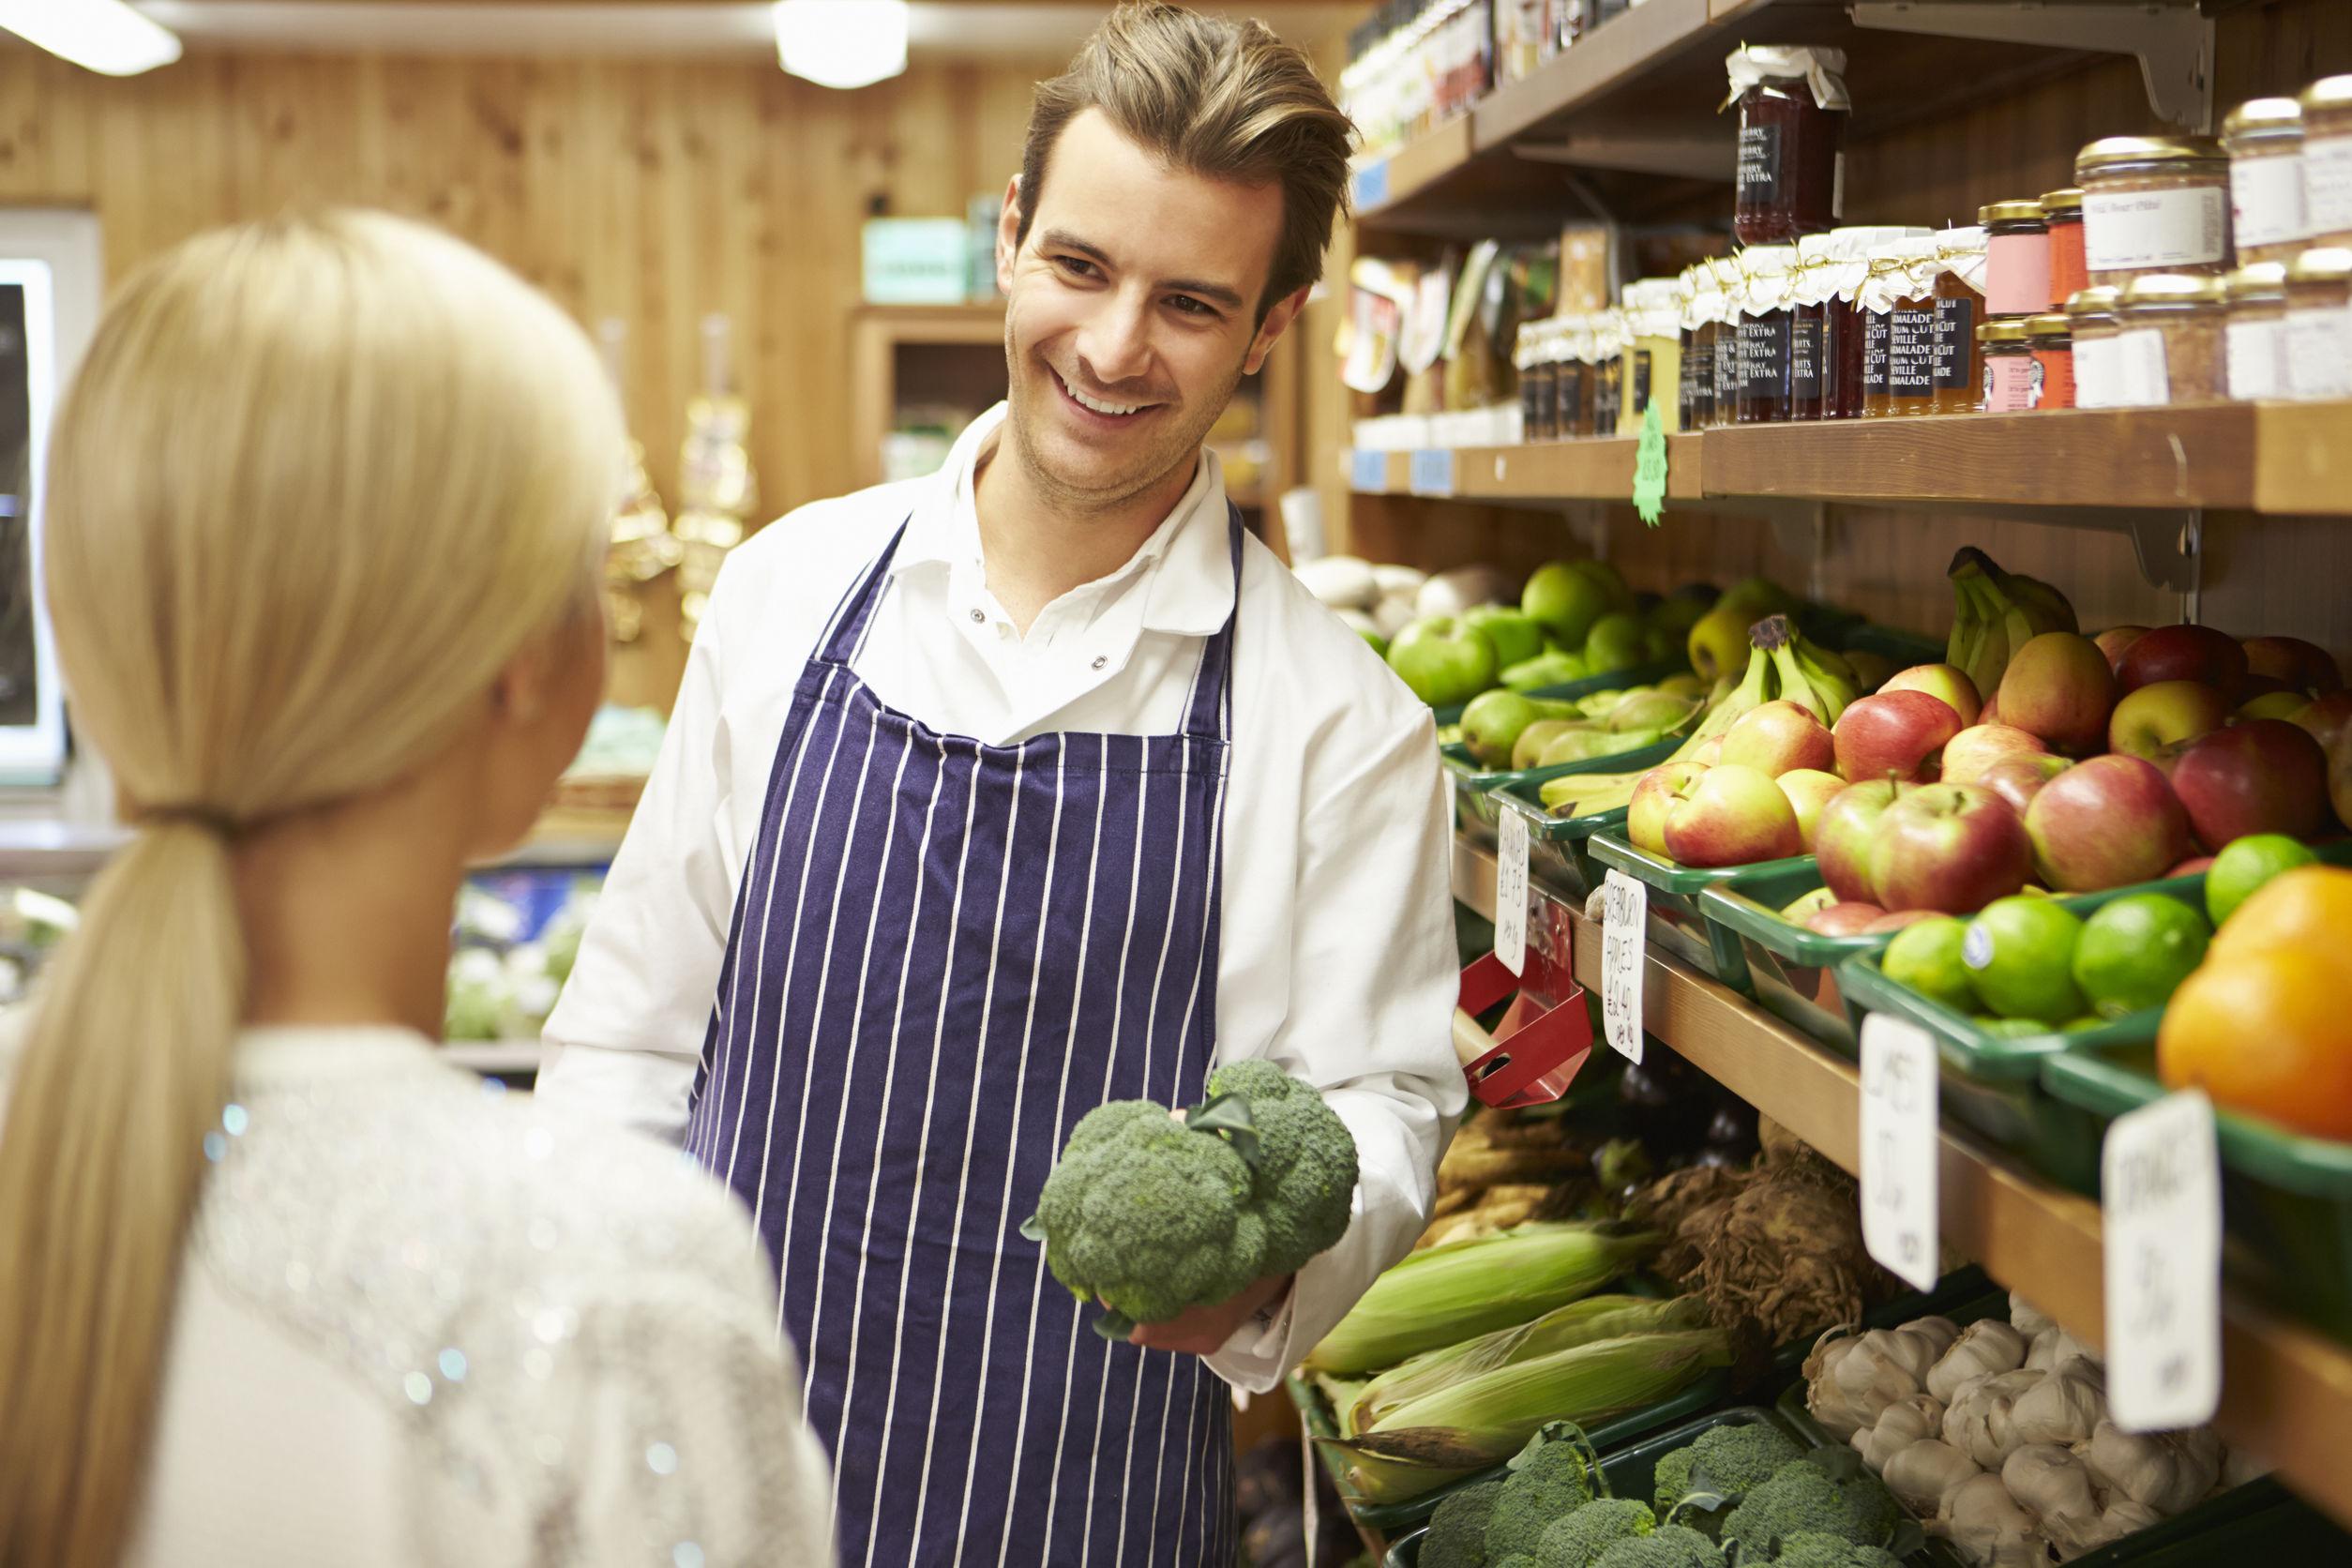 מה אפשר ללמוד מהמהלך האחרון של רשת הסופרמרקטים קרוגר (Kroger)